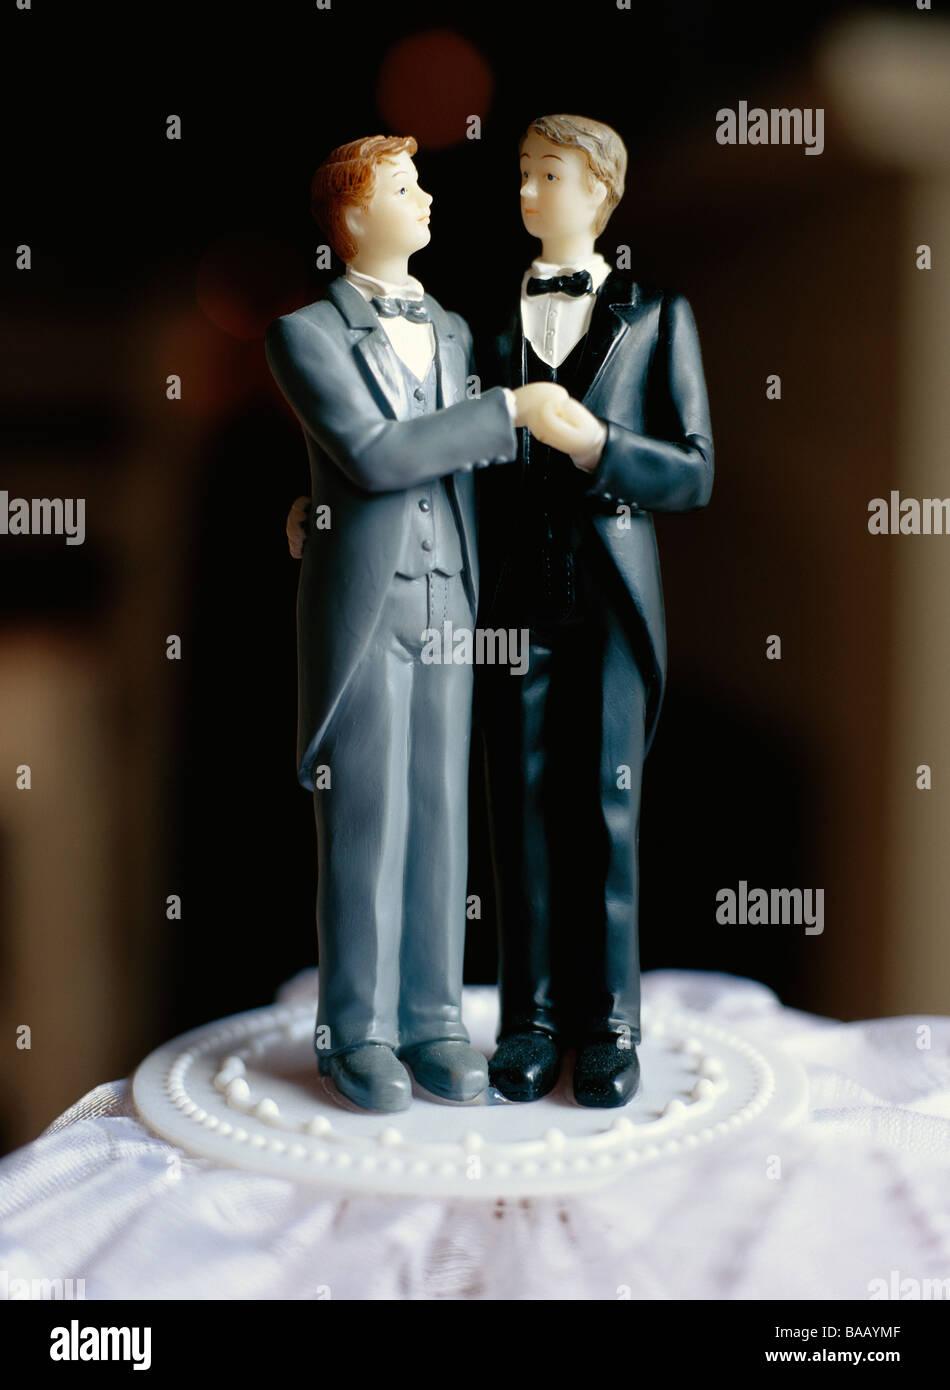 Un gay sposi su una torta, Svezia. Immagini Stock